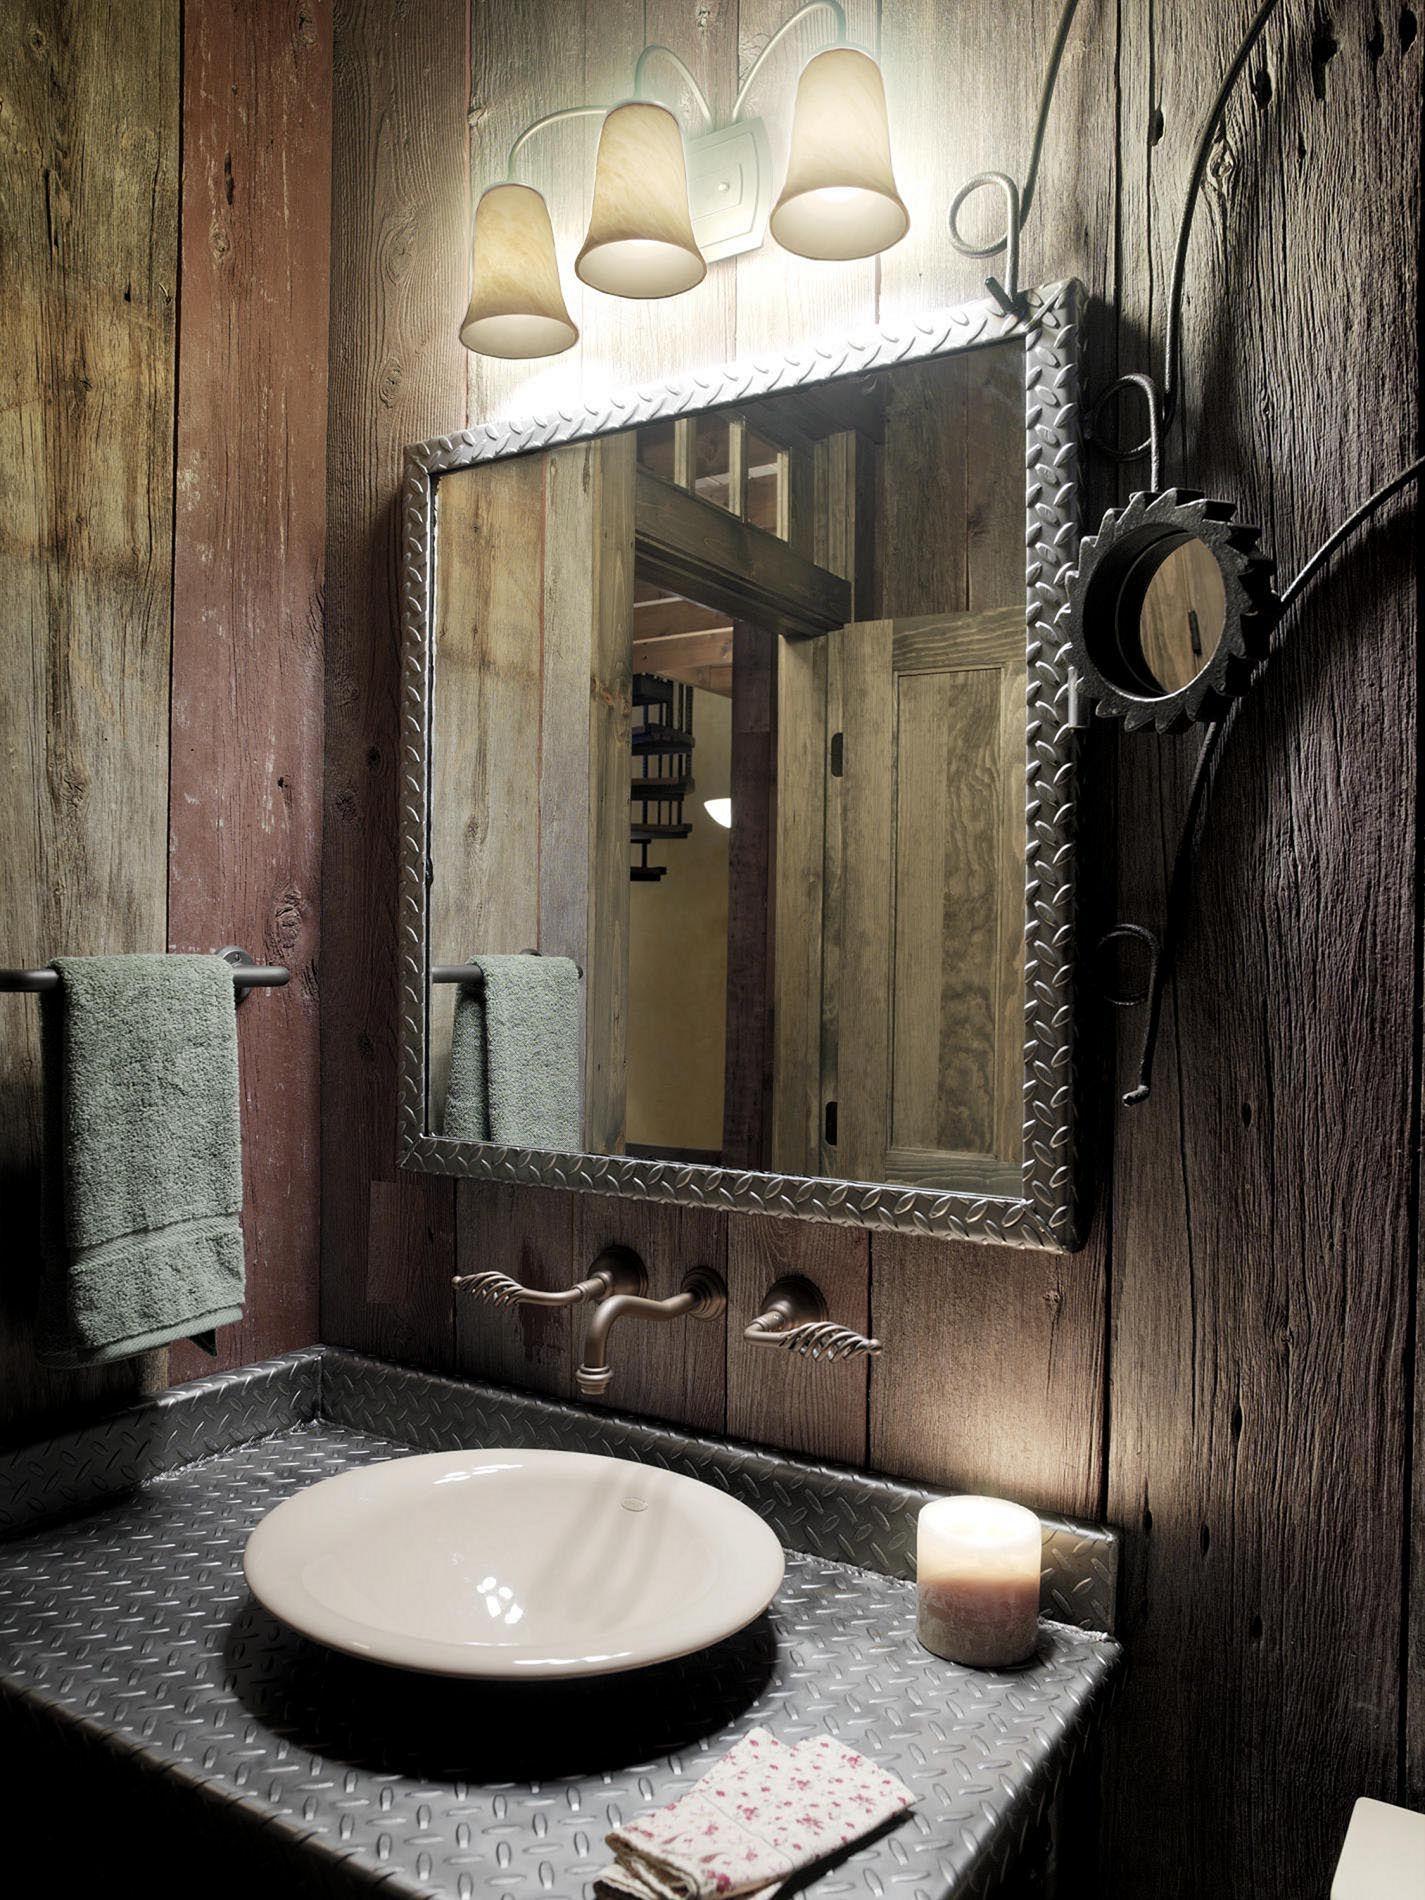 Traditional steampunk bathroom